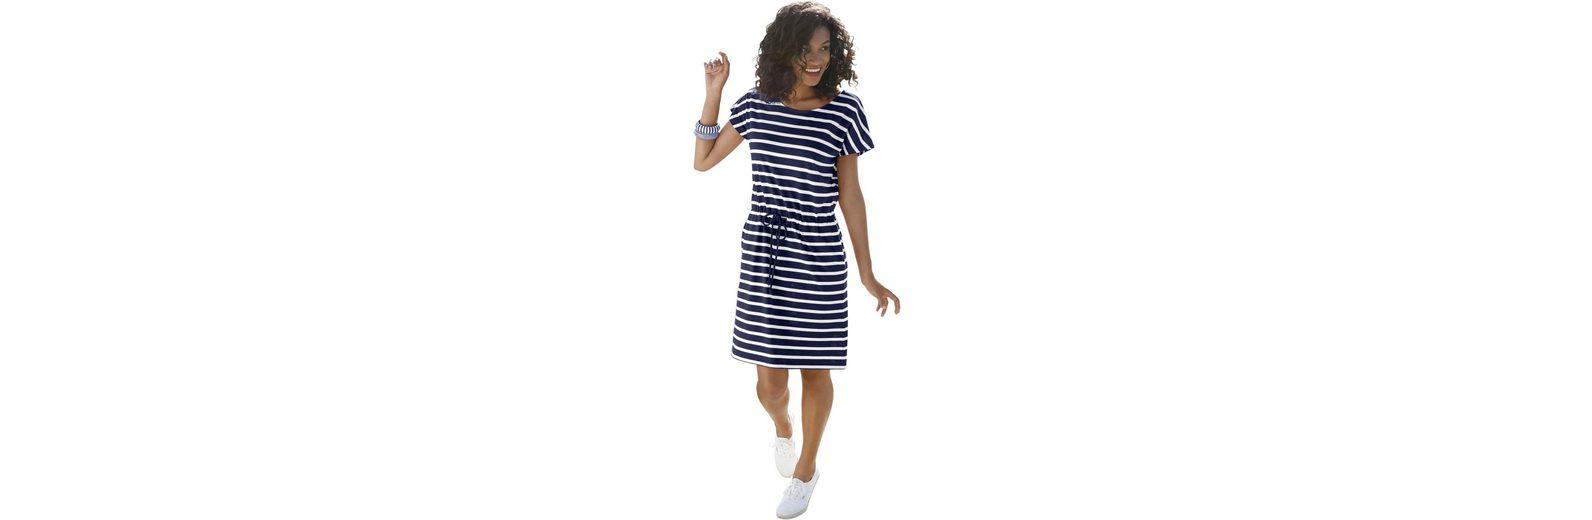 Collection L. Jersey-Kleid in Streifen-Optik Freies Verschiffen Truhe Bilder Billige Bilder Ausgang Erhalten Authentisch Freiheit 100% Garantiert En7p4